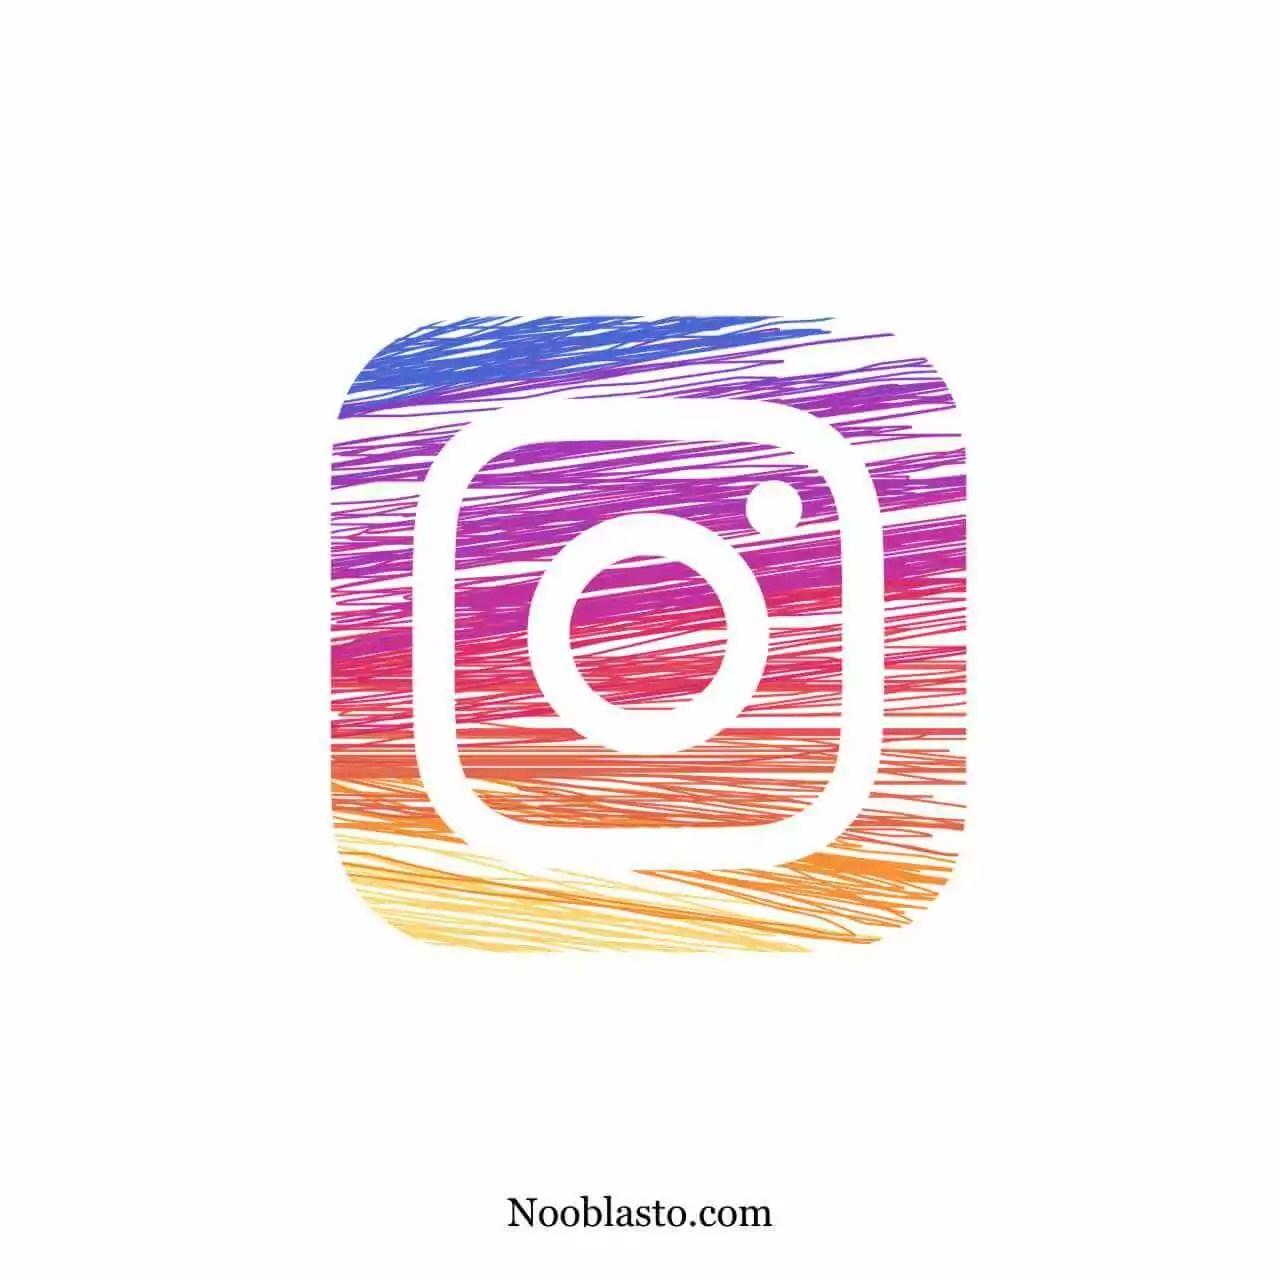 cara mengaktfikan kembali akun instagram